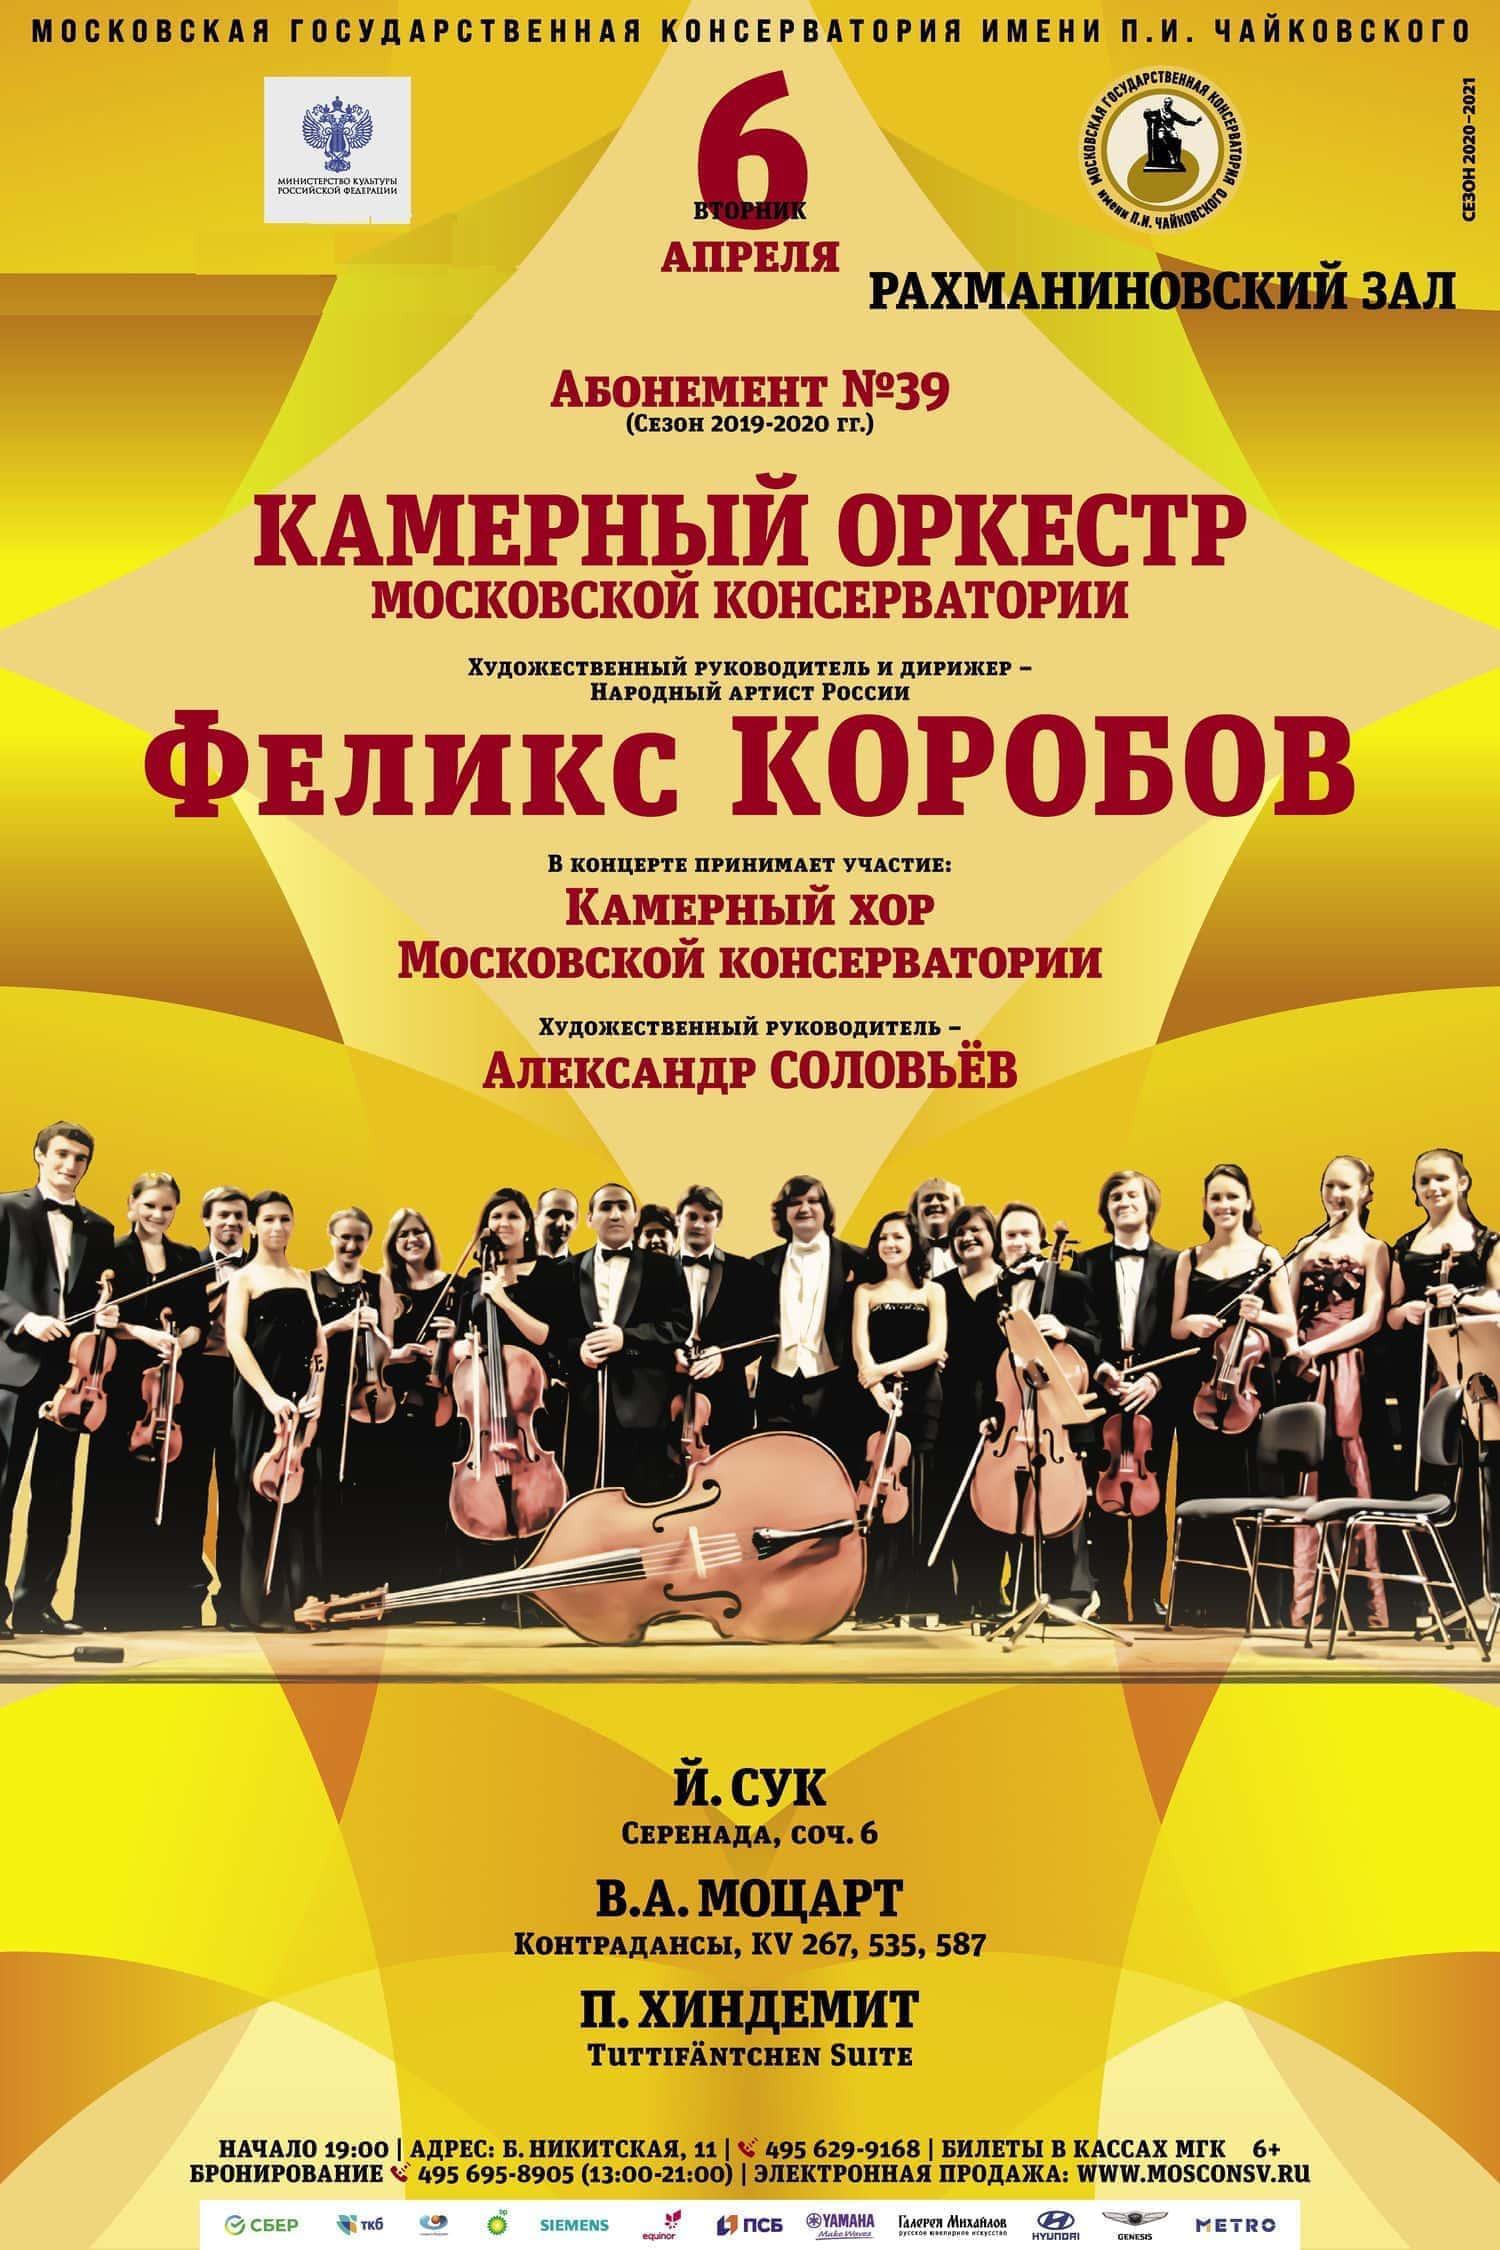 Камерный оркестр Московской консерватории выступит в Рахманиновском зале